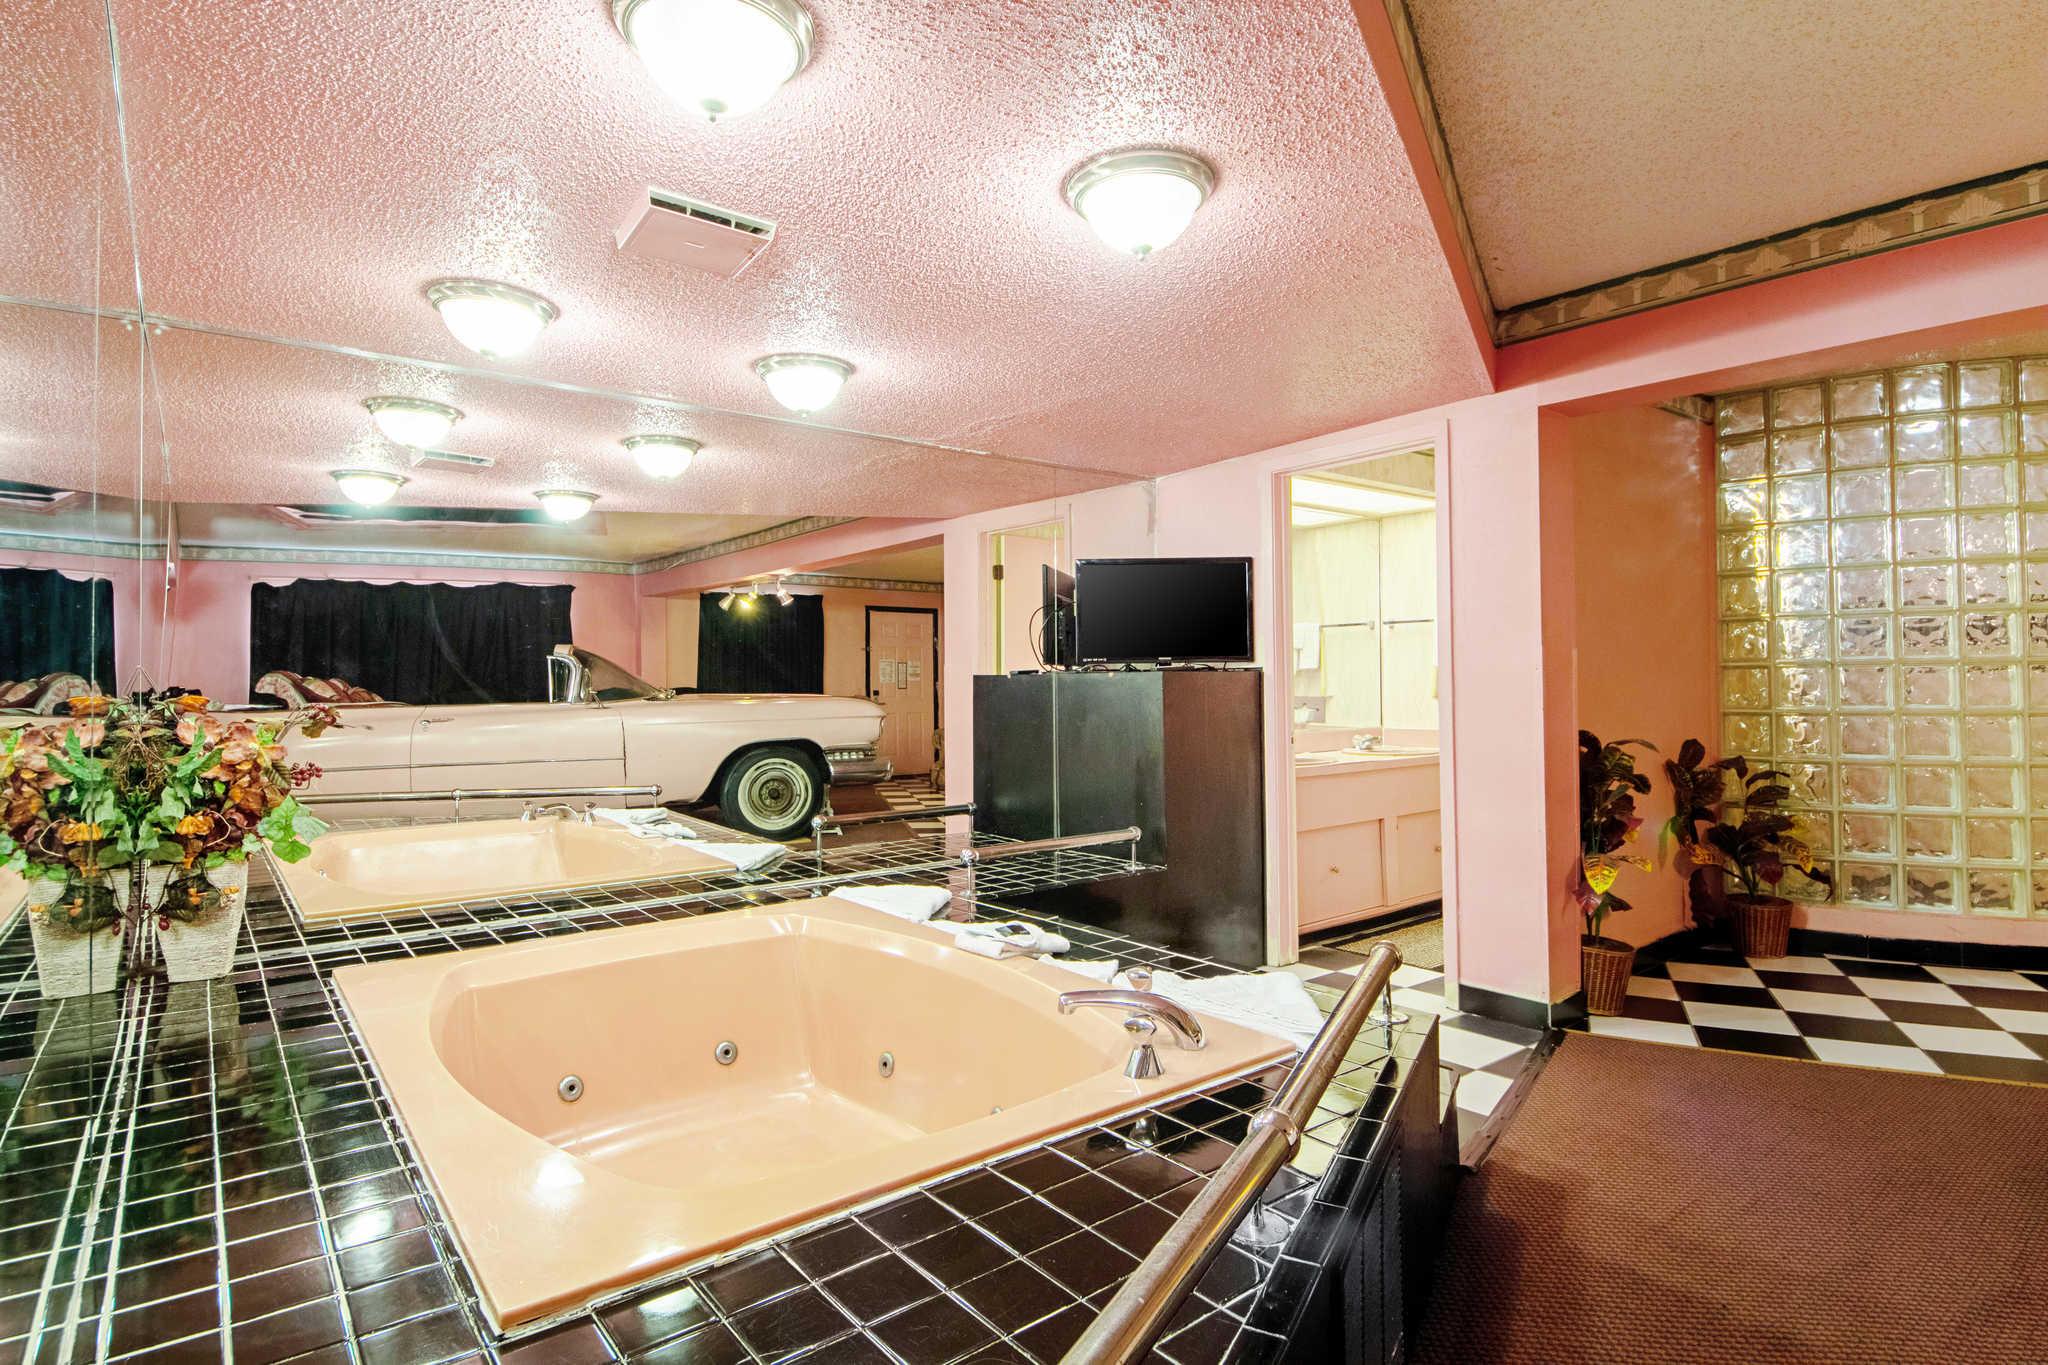 Rodeway Inn & Suites image 37